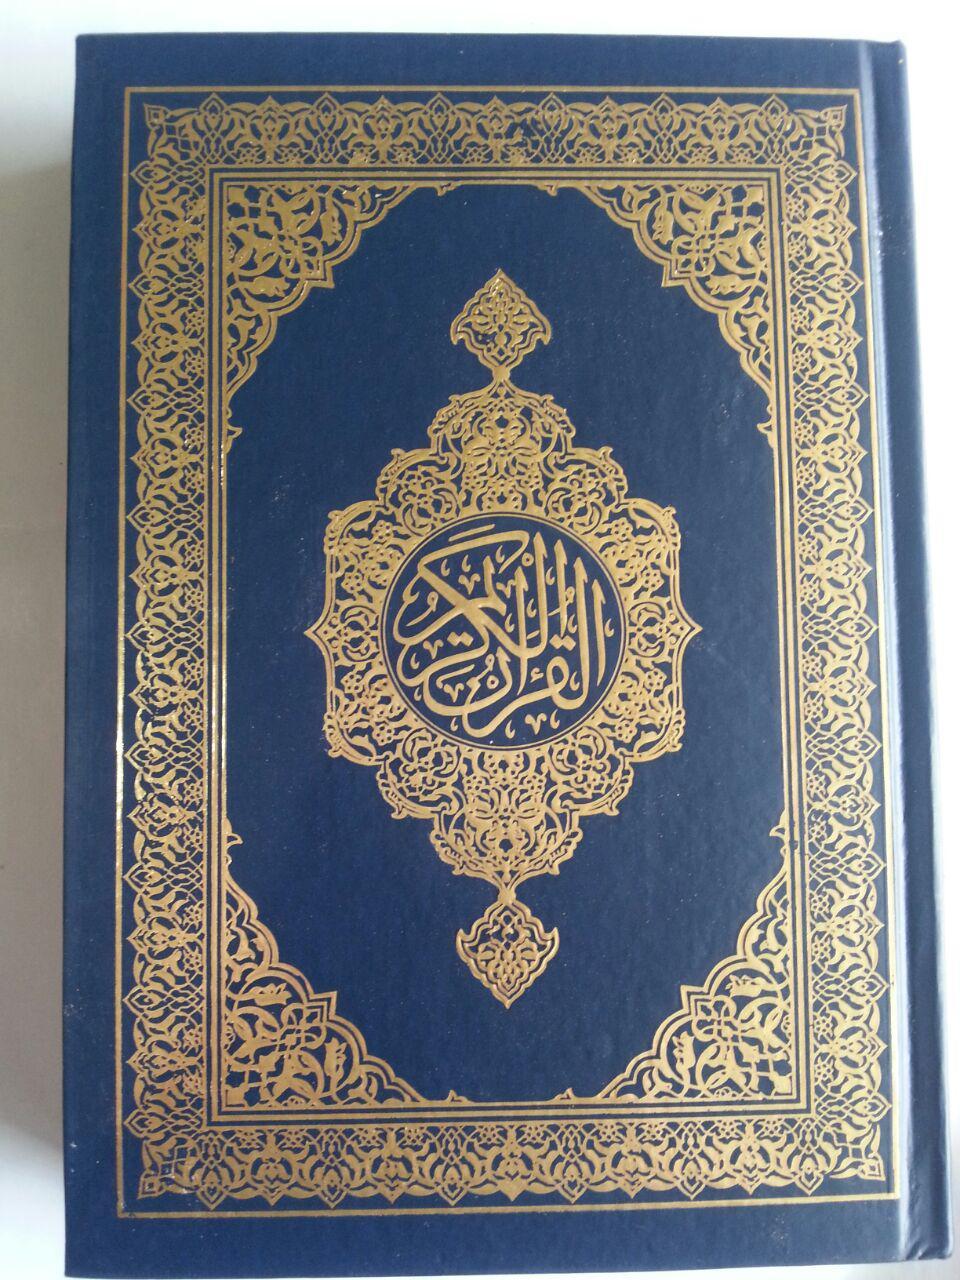 Al-Qur'an Mushaf Dan Terjemah Ukuran A5 cover 2